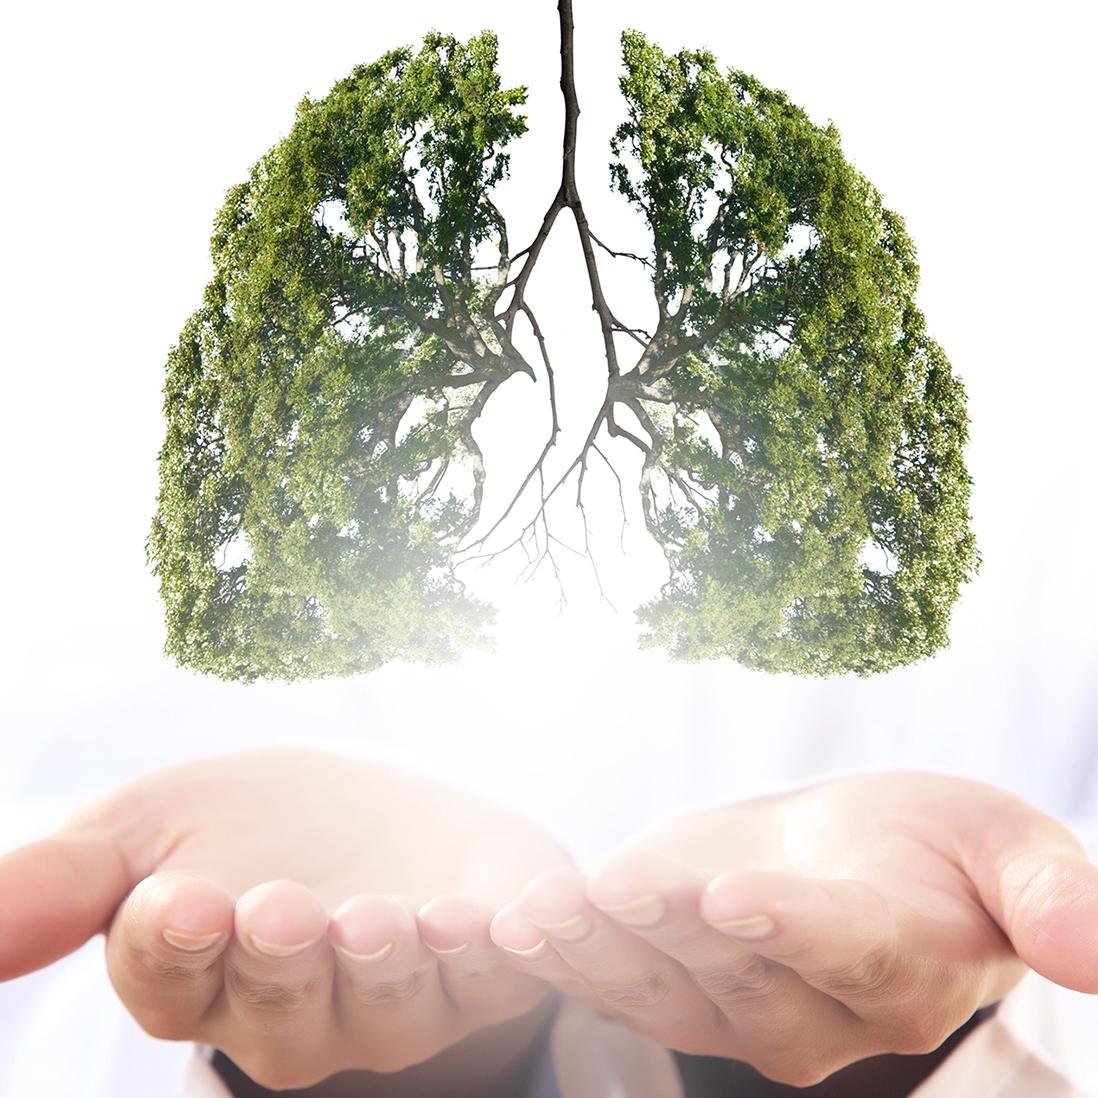 Behandlung von chronisch-entzündlichen Krankheiten sowie von akuten Erkrankungen des Respirationstraktes inclusive COVID-19